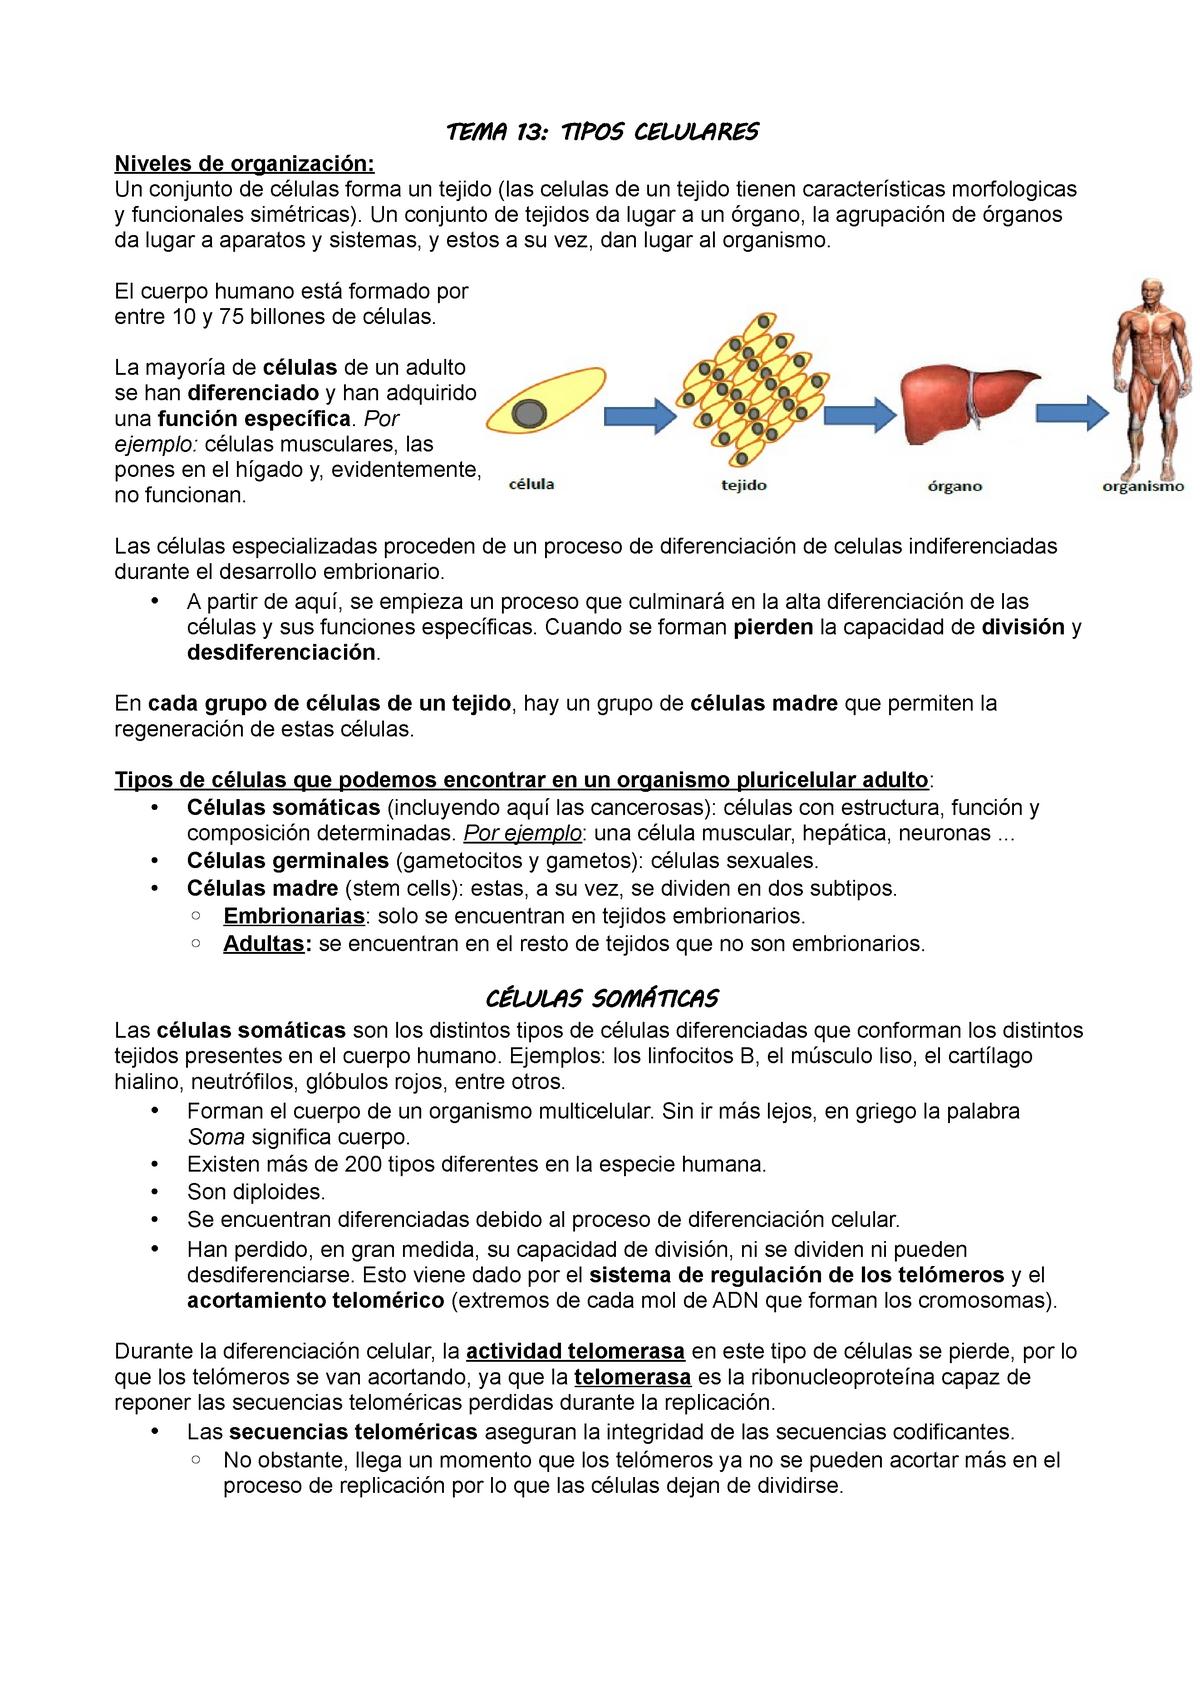 Tema 13 Los Tipos Celulares Biología Deusto Studocu